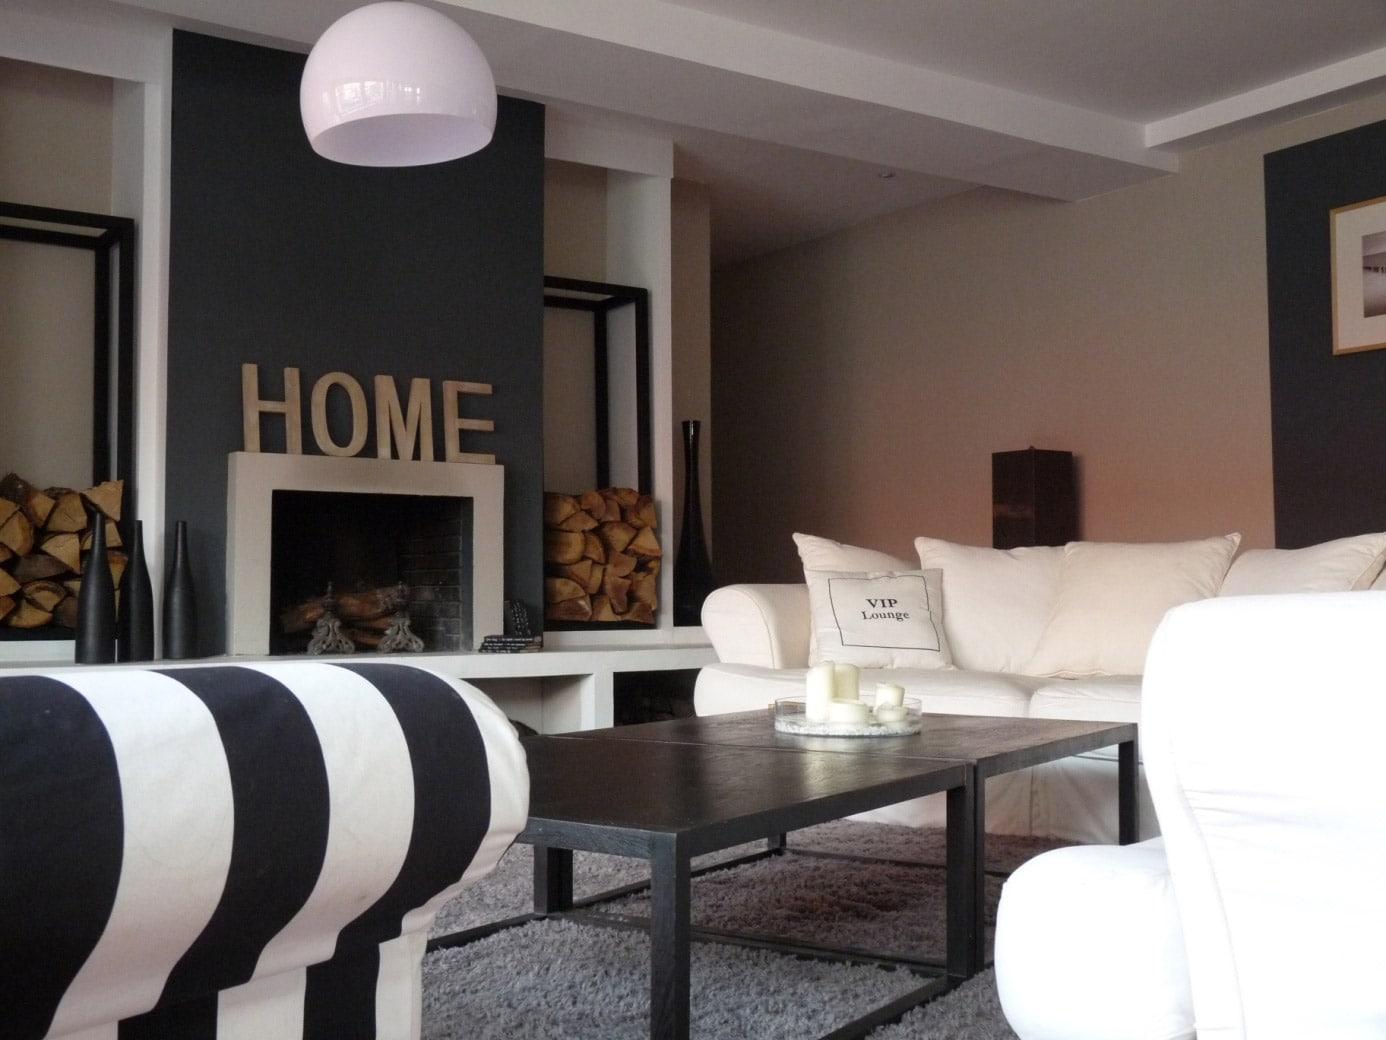 comment r ussir la d coration int rieure de votre logement. Black Bedroom Furniture Sets. Home Design Ideas